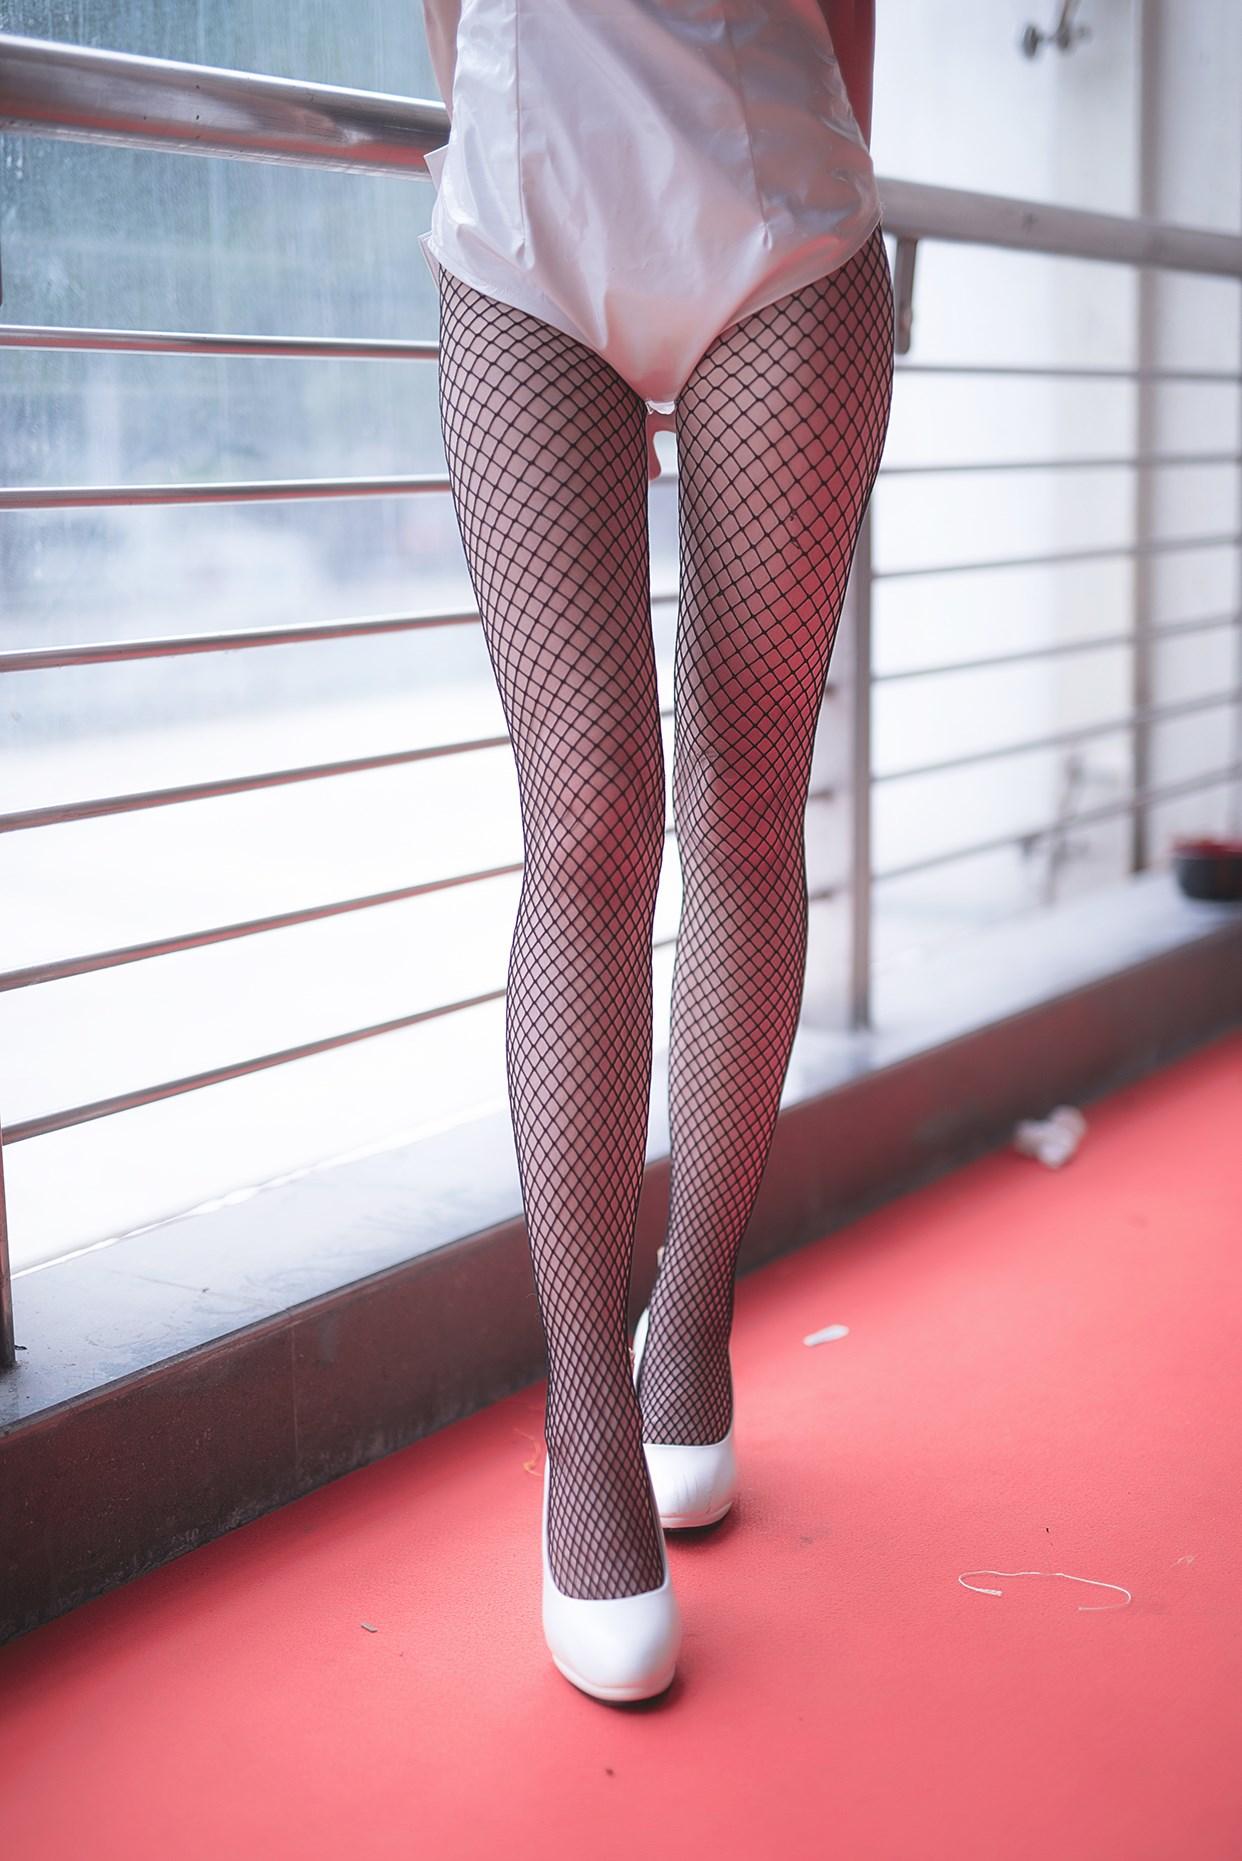 【兔玩映画】各种腿照福利 兔玩映画 第3张